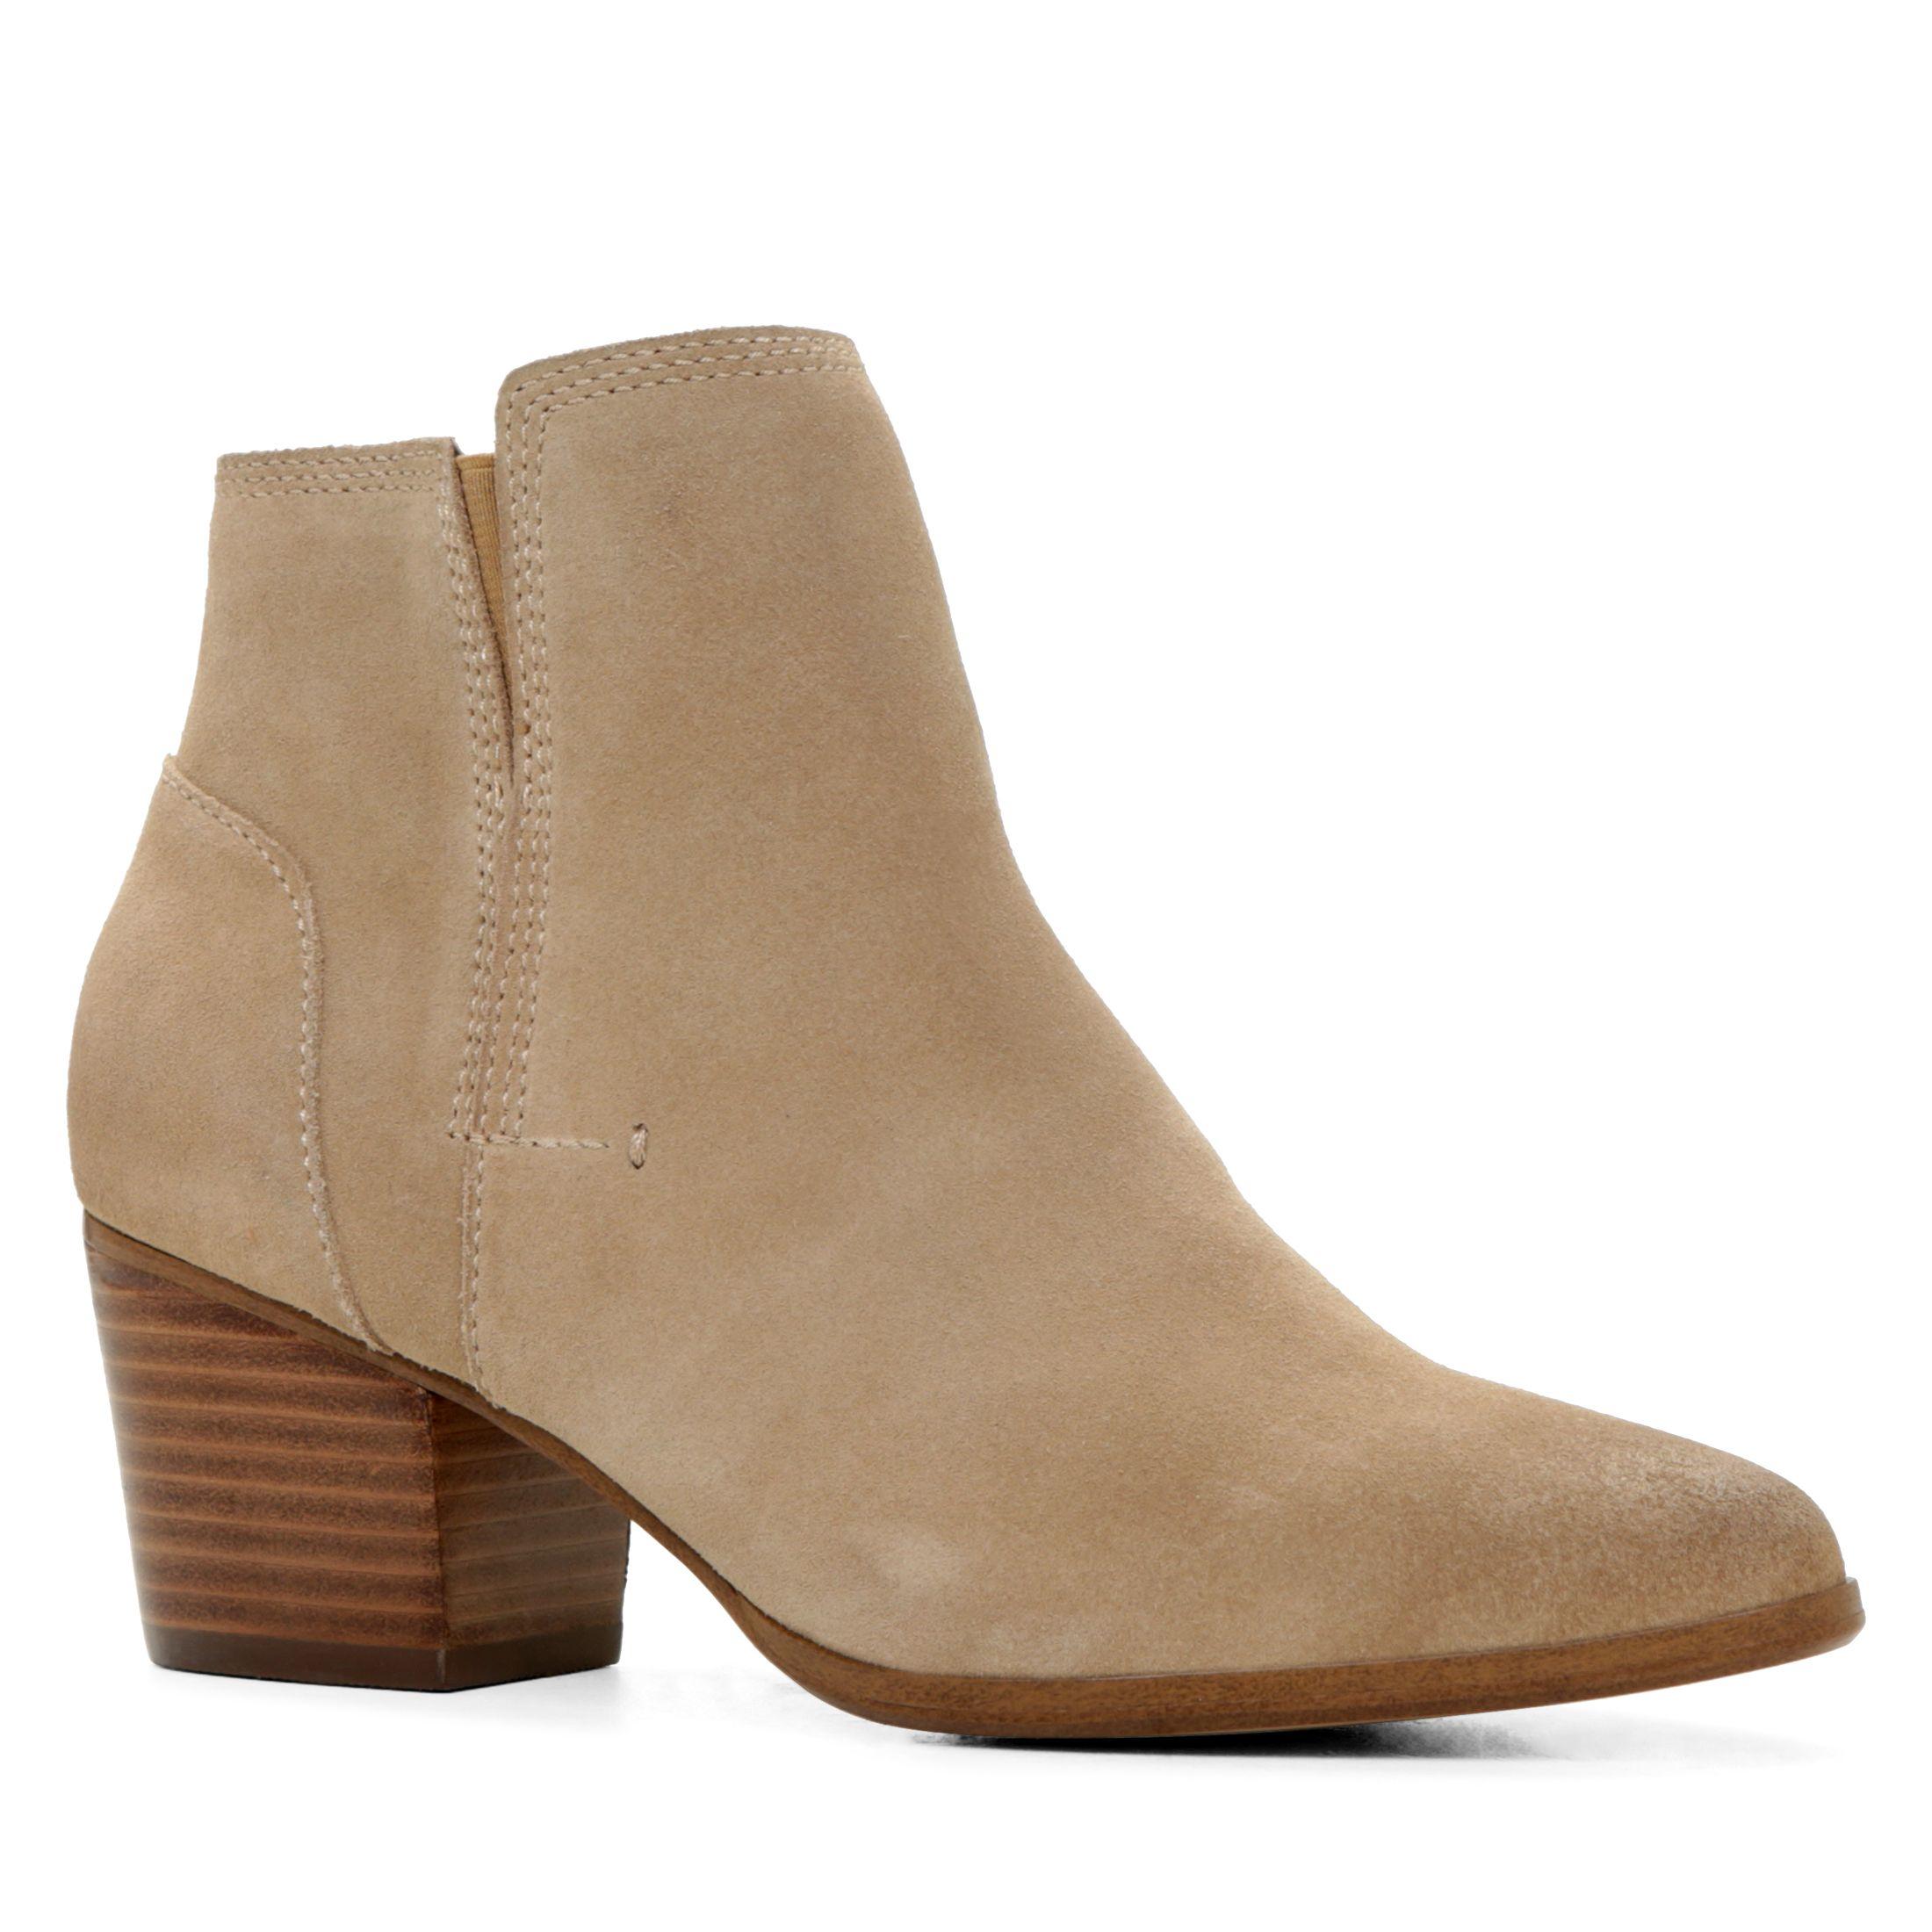 Aldo Lillianne Ankle Boots In Beige Bone Lyst